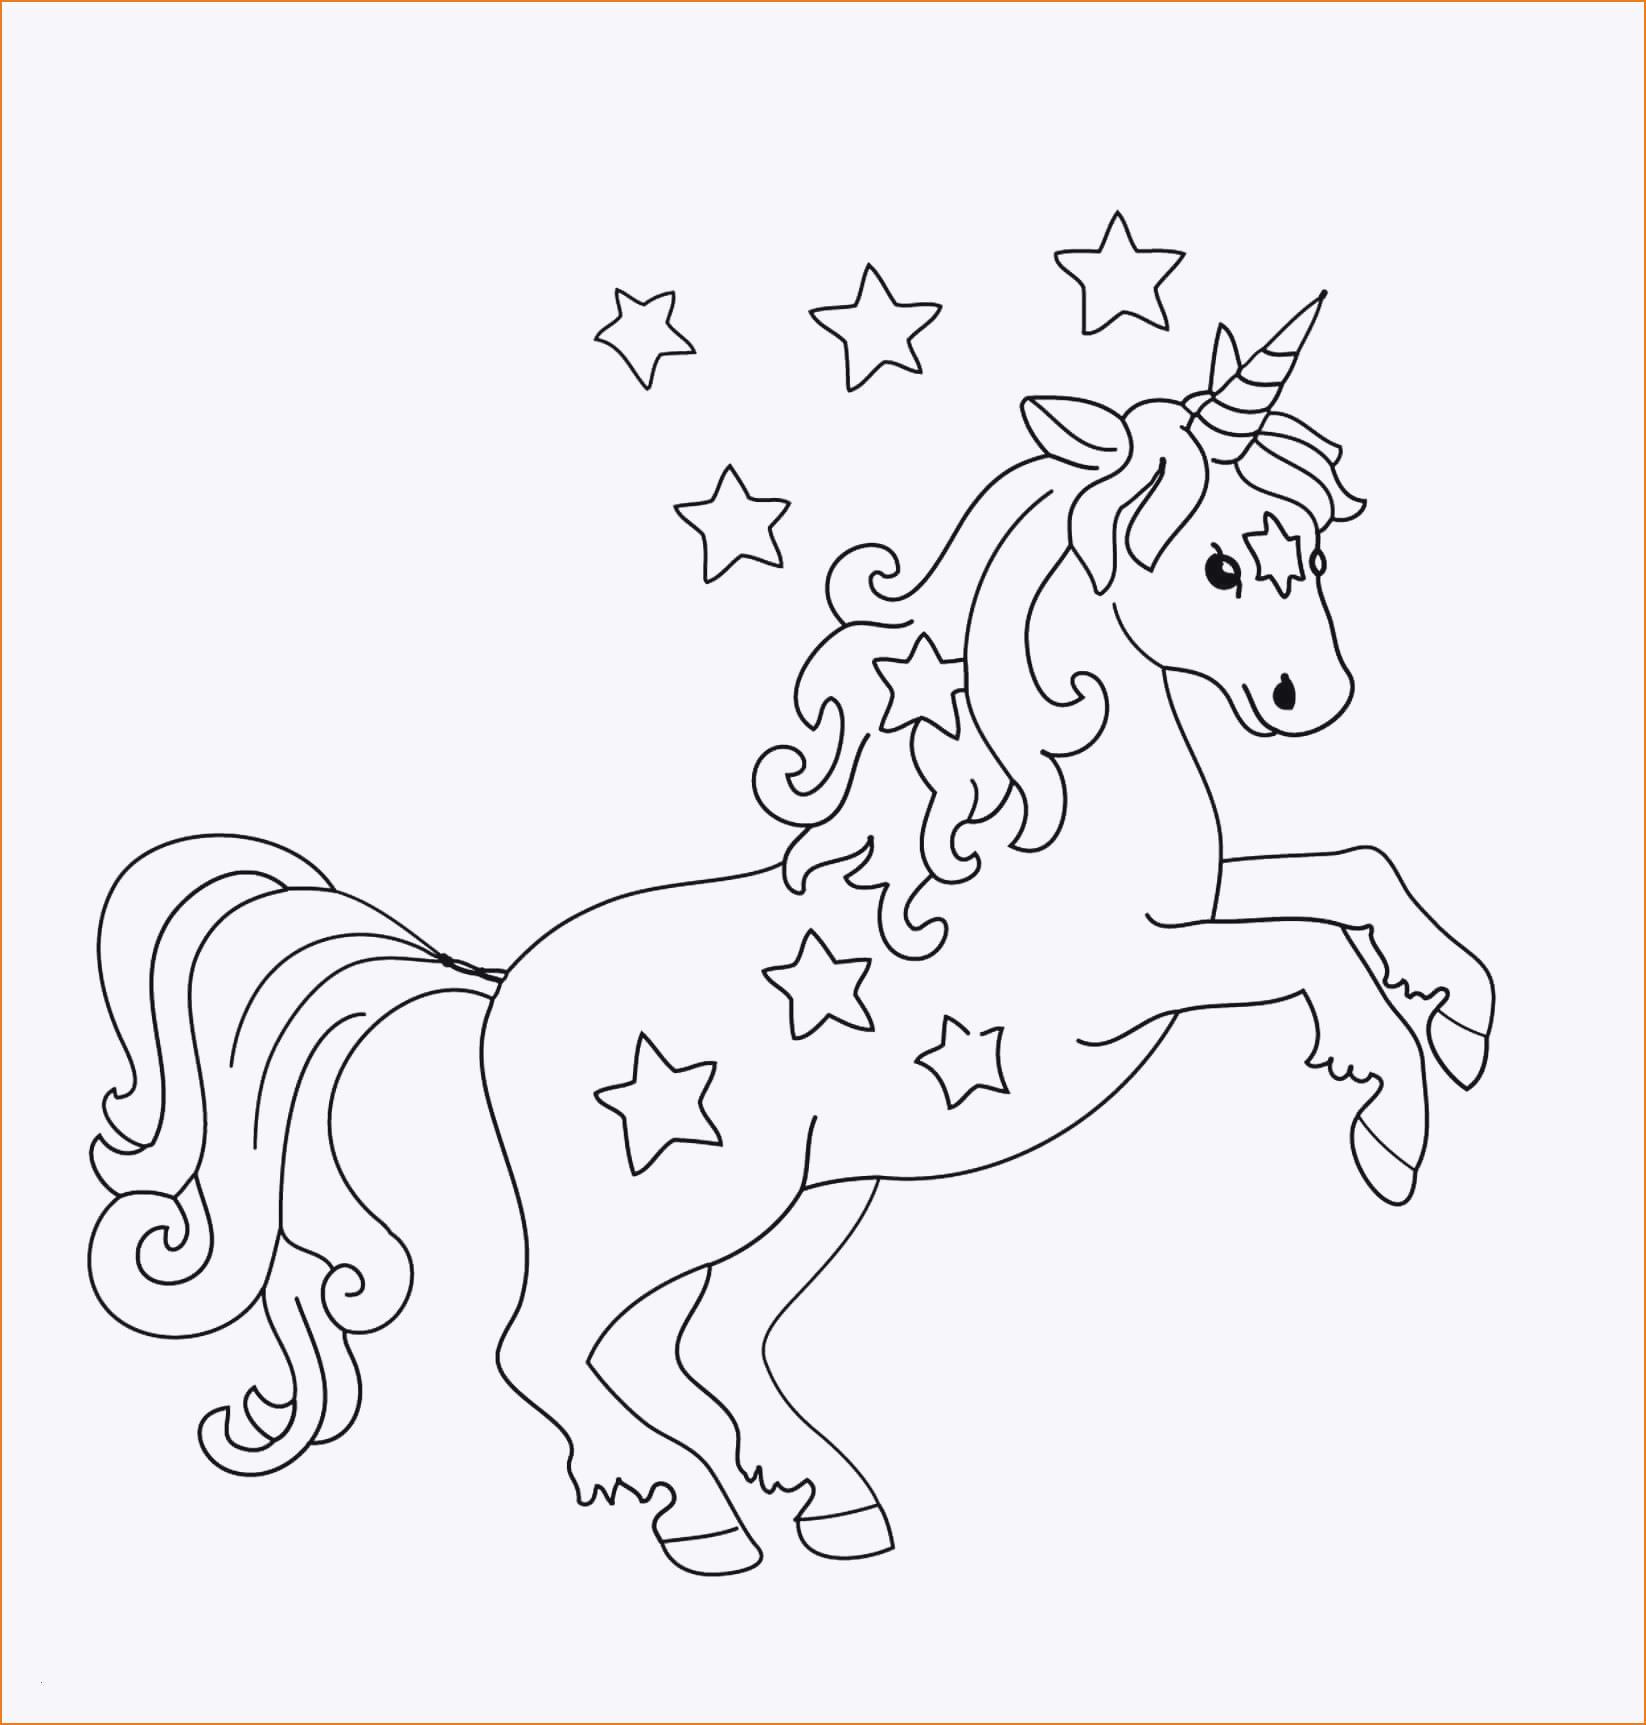 My Little Pony Friendship is Magic Ausmalbilder Inspirierend My Little Pony Friendship is Magic Ausmalbilder Einzigartig Pferd Stock